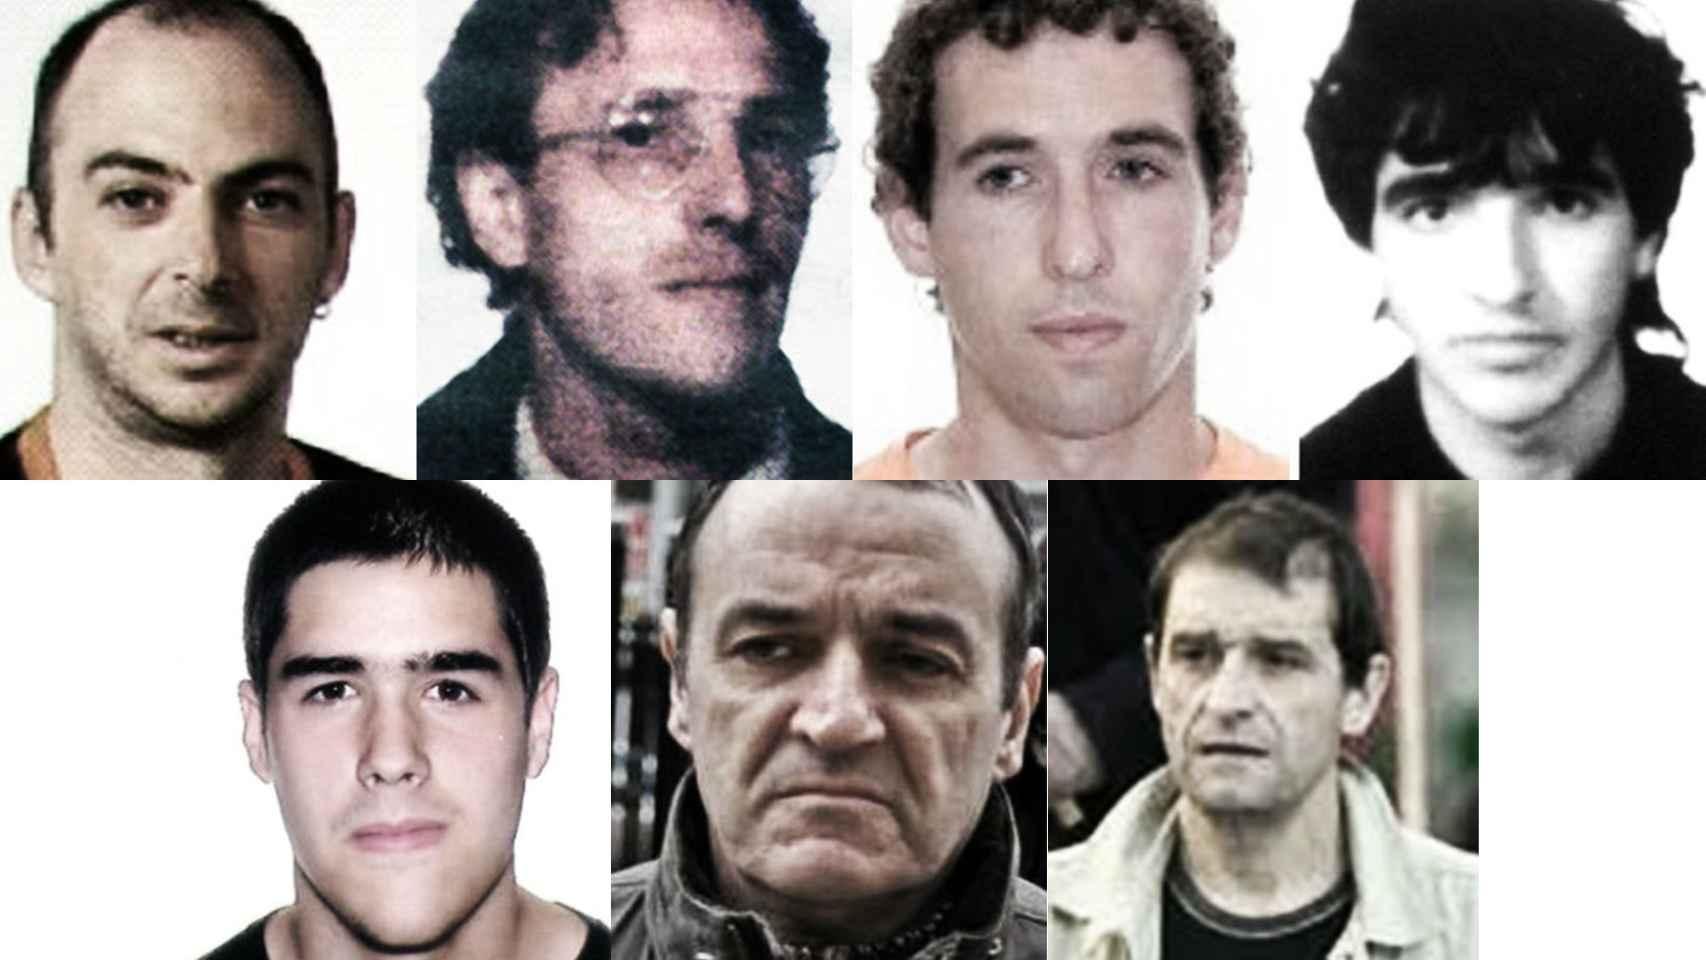 De izquierda a derecha, arriba: Anartz Arambarri, José Luis Eciolaza, Eneko Aguirresarobe y Oier Eguidazu. Abajo:  Mikel Barrios, De Juana Chaos y Josu Ternera.